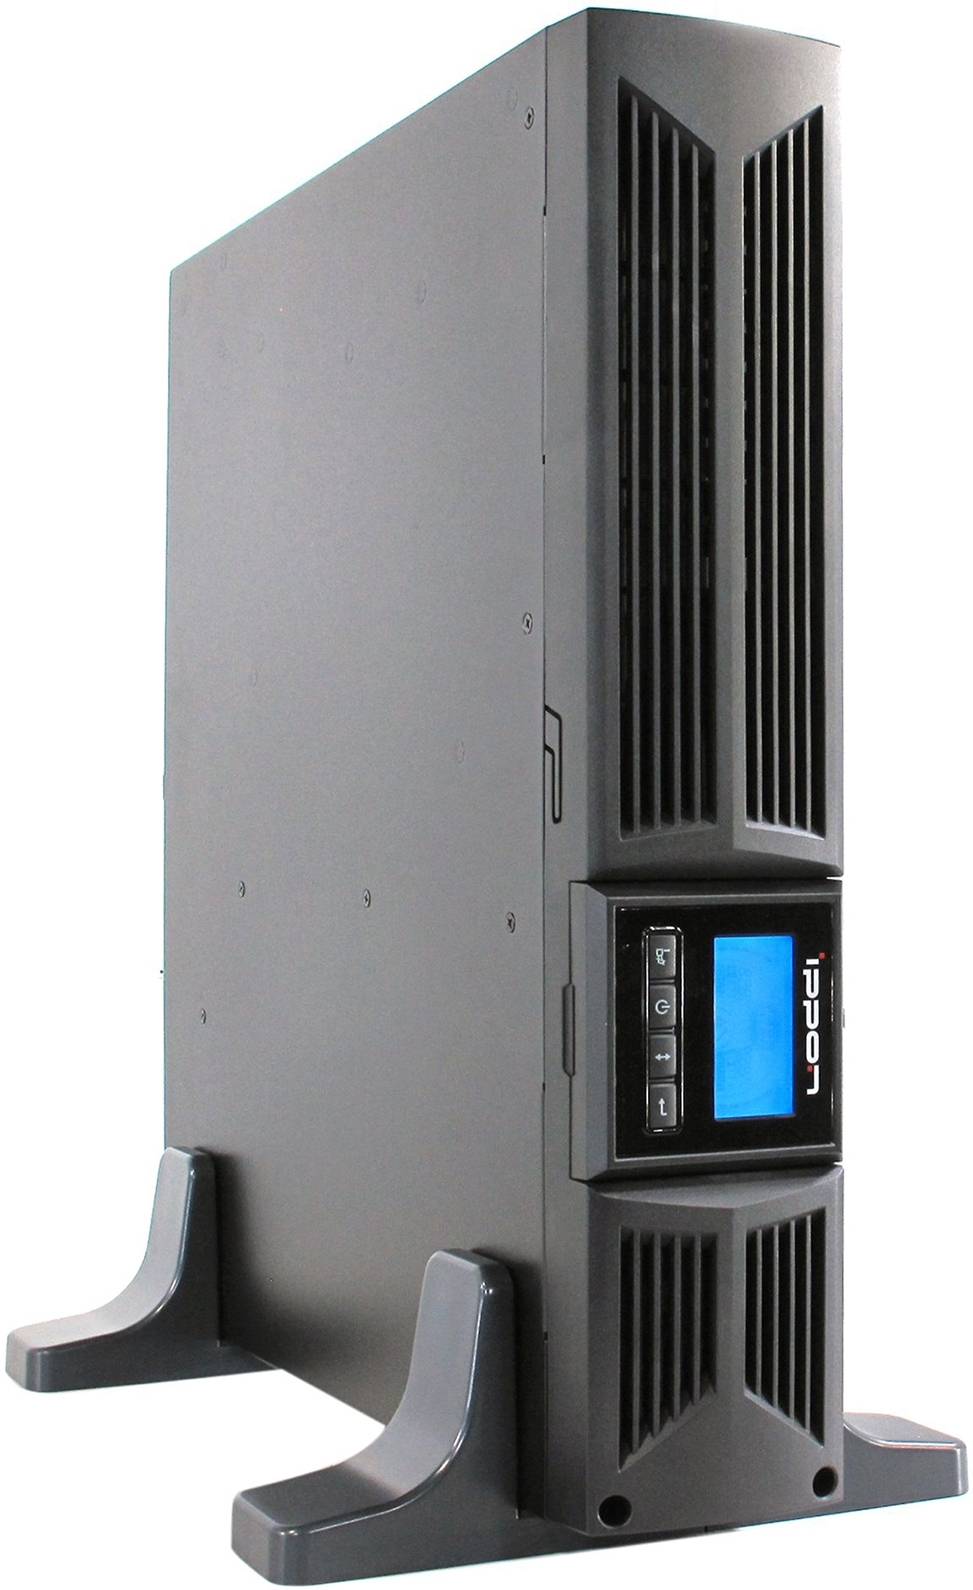 Батарея для ИБП Ippon Innova RT 1K для Innova RT 1000 - Источники бесперебойного питания (UPS)